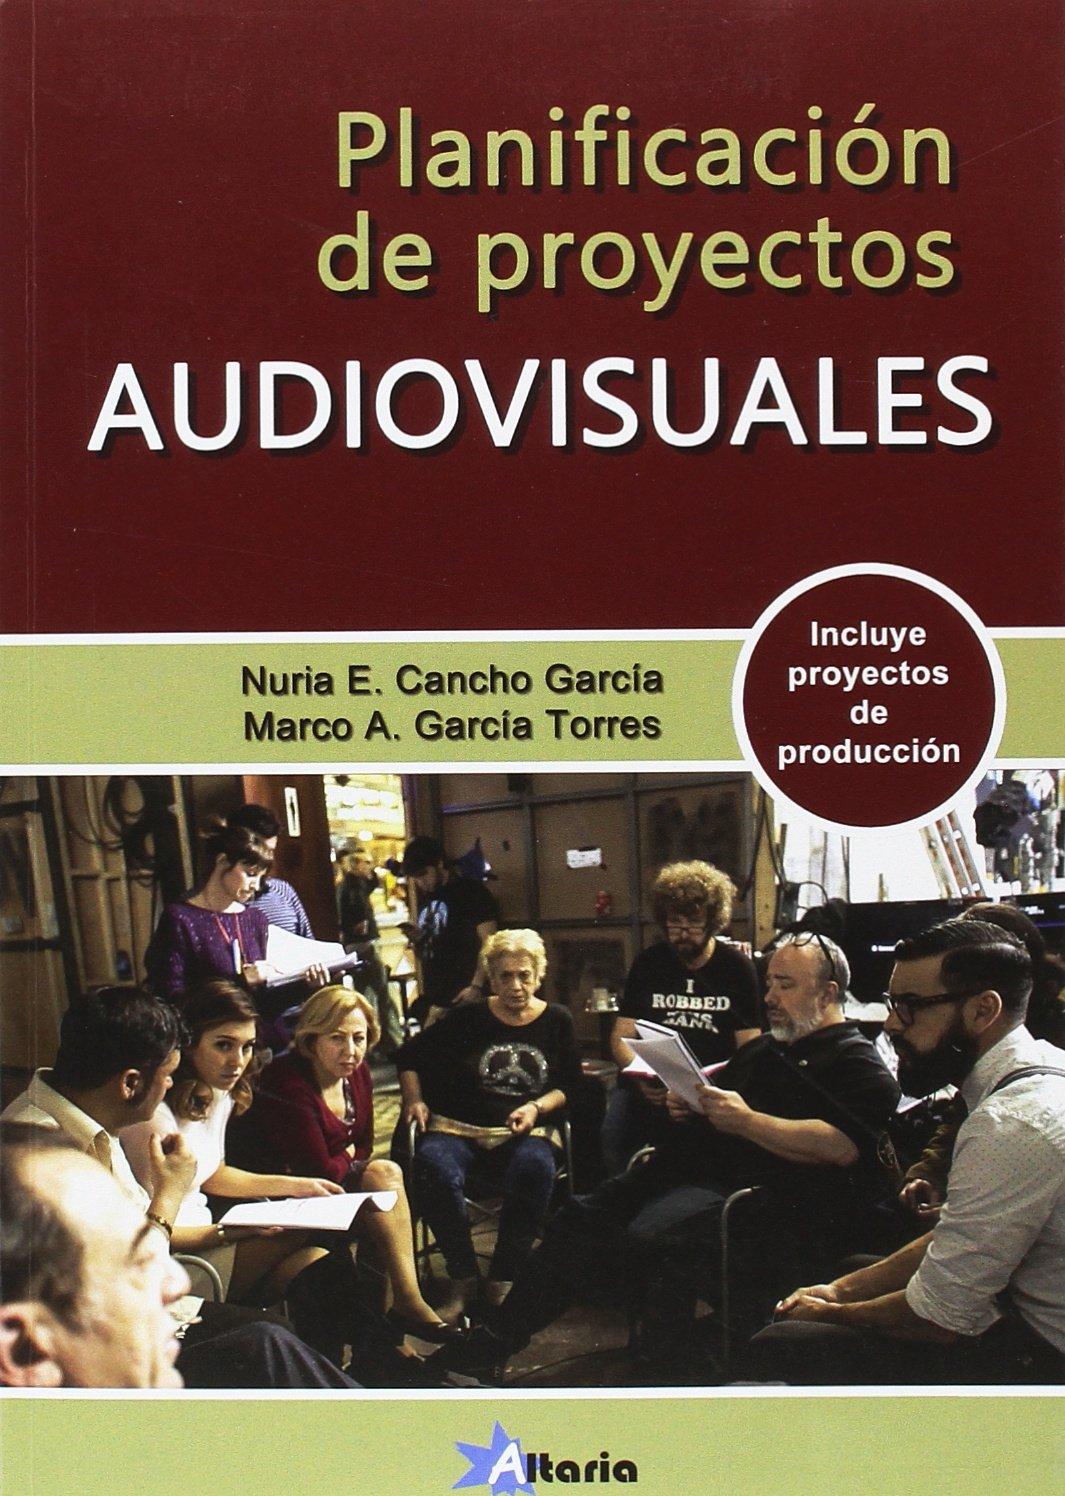 PLANIFICACIÓN DE PROYECTOS AUDIOVISUALES: Amazon.es: Nuria E. Cancho García, Marco A. García Torres, Sonia Vives Martín, Carlos Martínez Peña: Libros